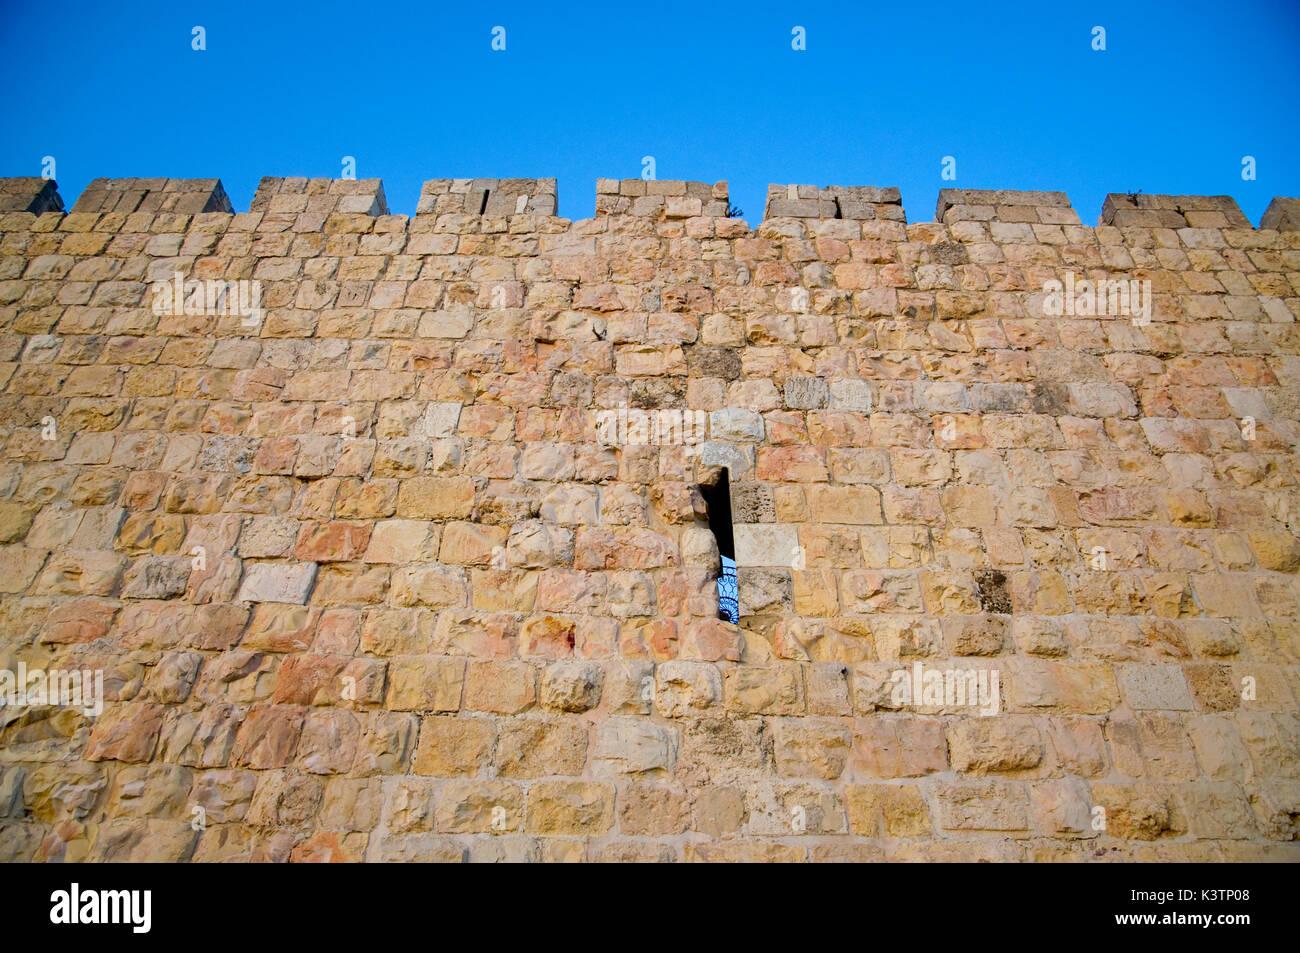 Jerusalem surrounding walls - Stock Image